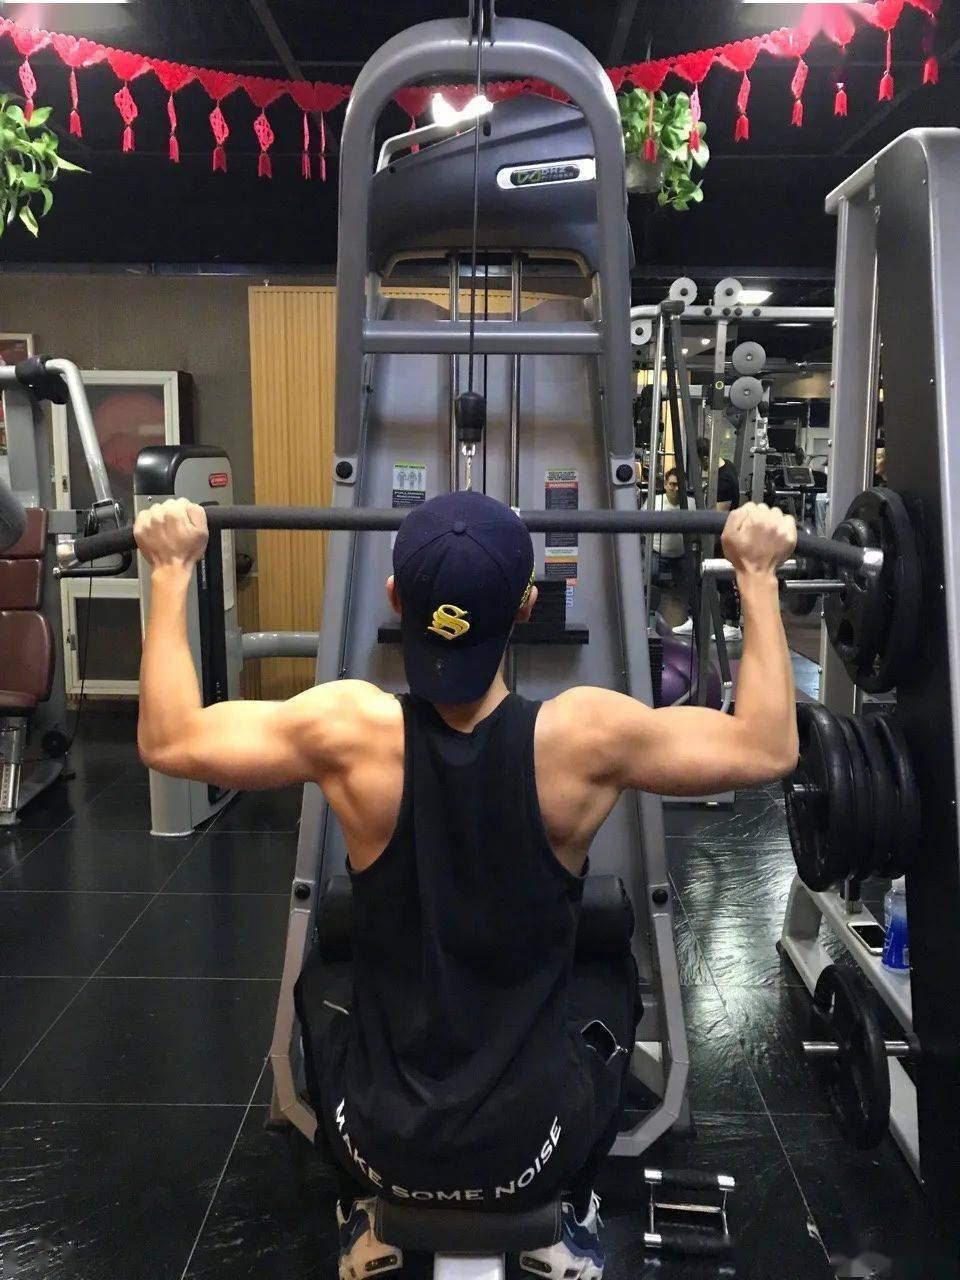 34岁魏晨曝身材照大秀肌肉,网友:这身材太顶了